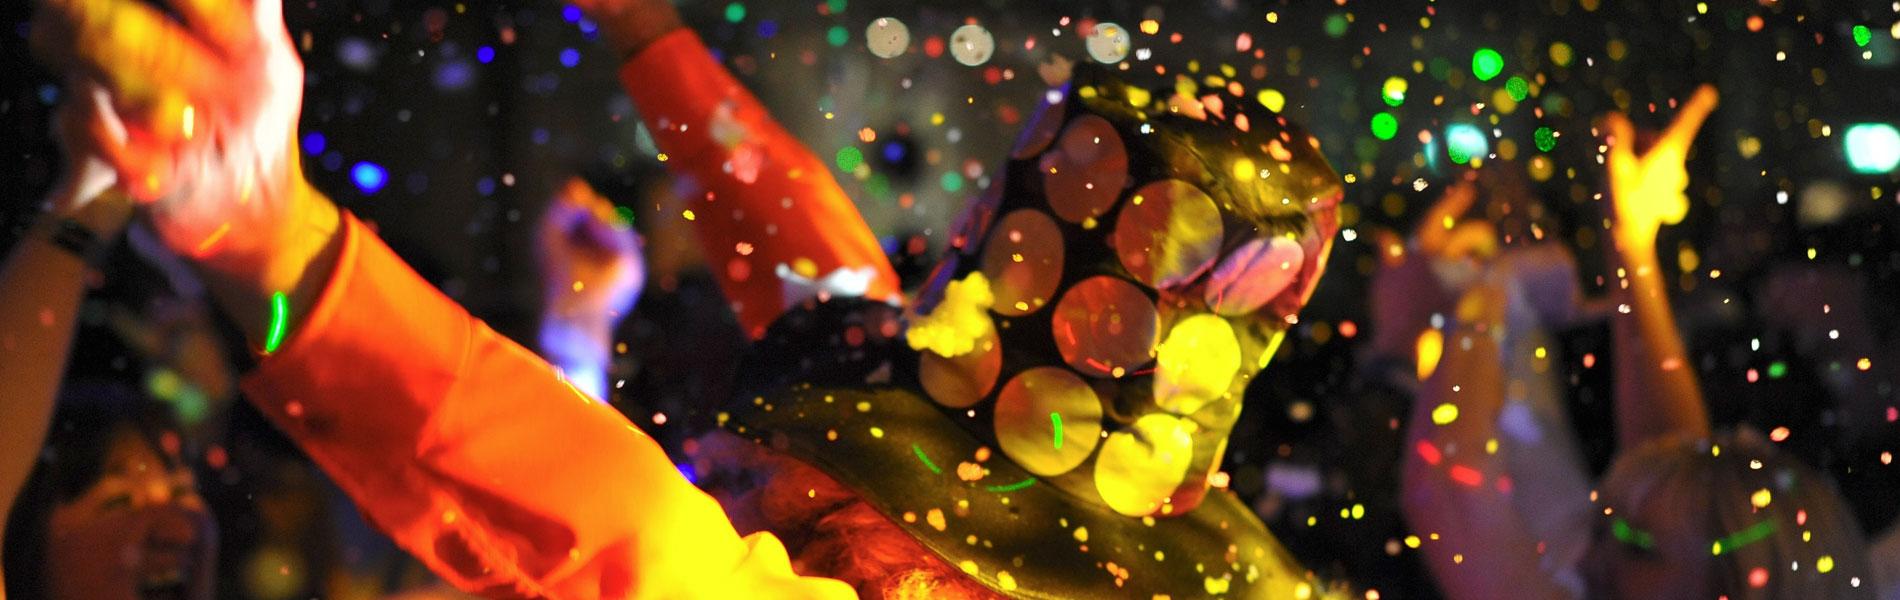 Saca Entrada para tu discoteca | Nochevieja 2014 - 2015